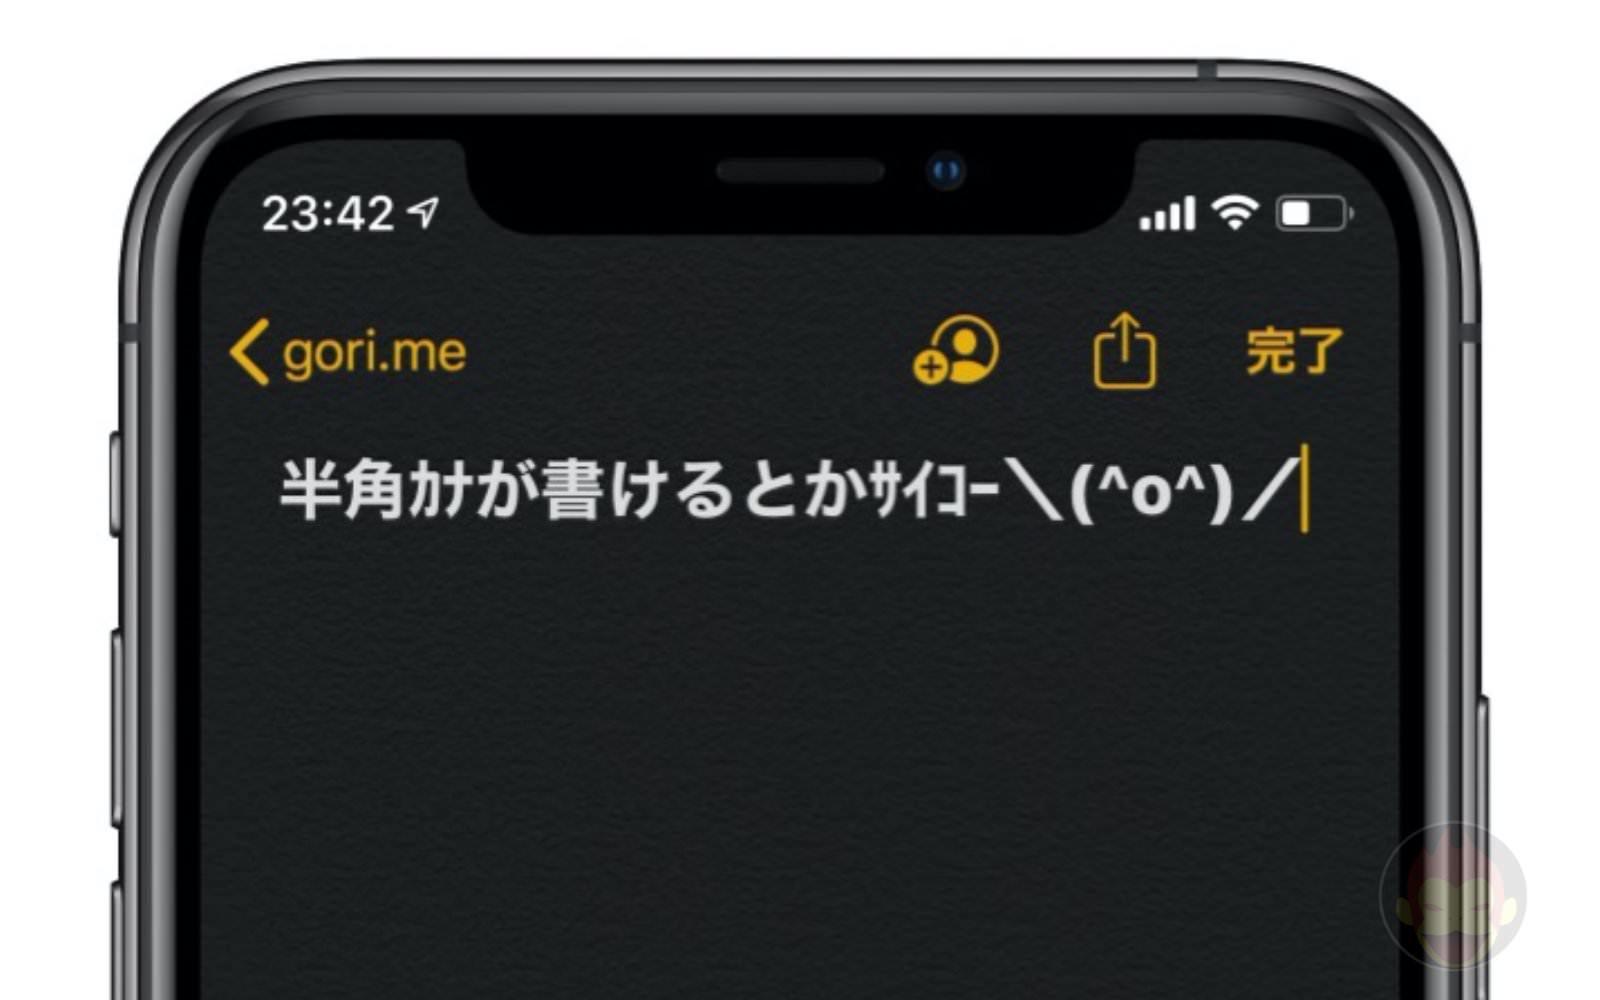 Hankaku Input for iOS13 iphone